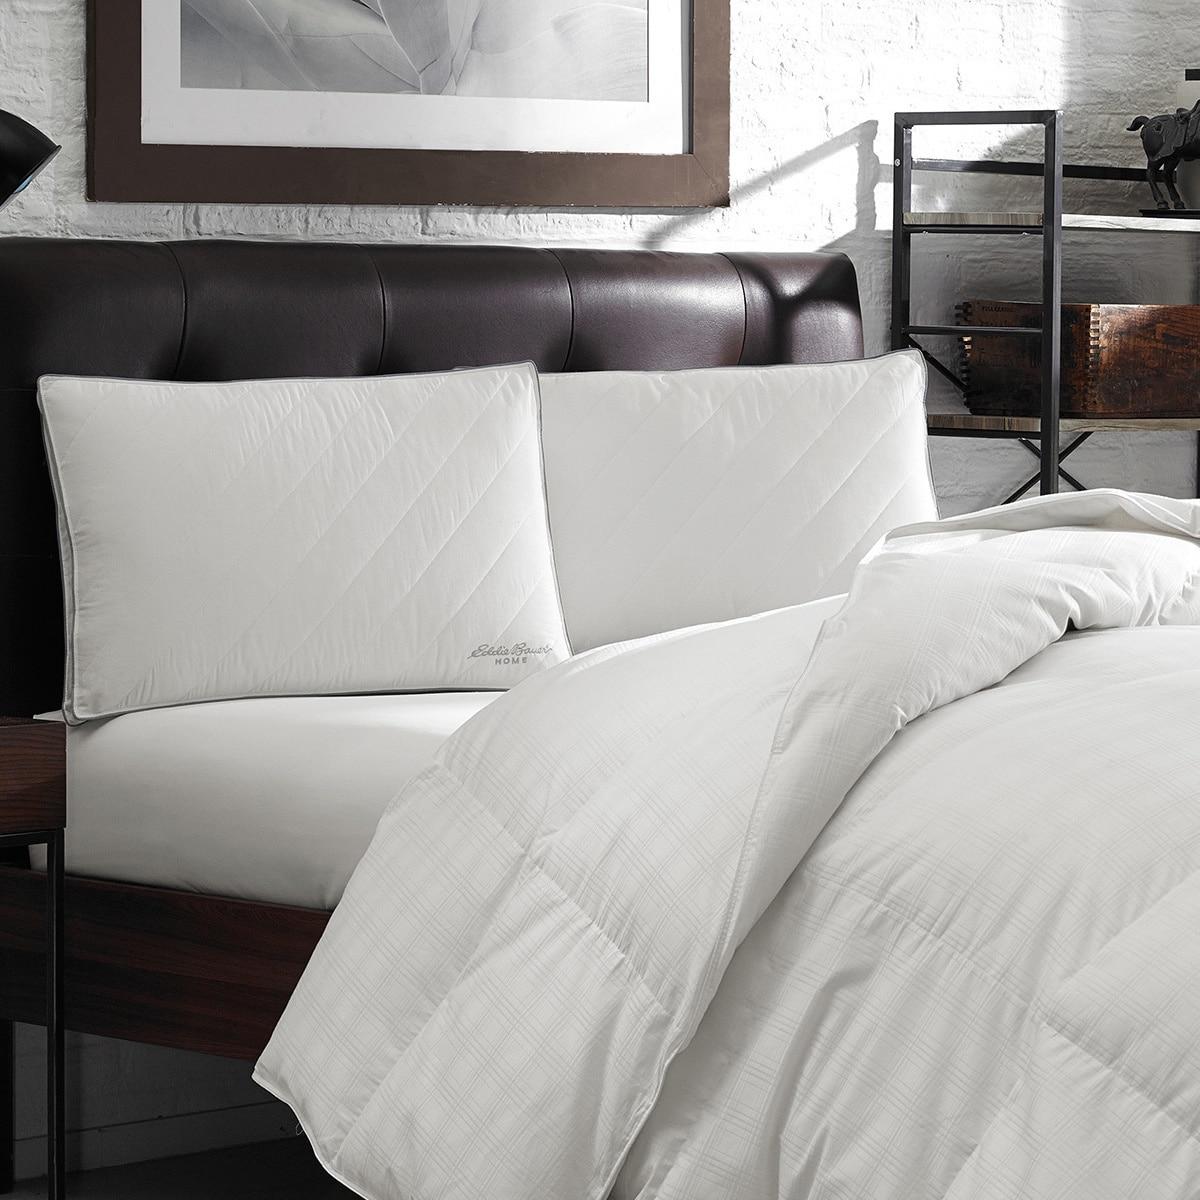 PrimaLoft Luxury Down Alternative Comforter By DOWNLITE